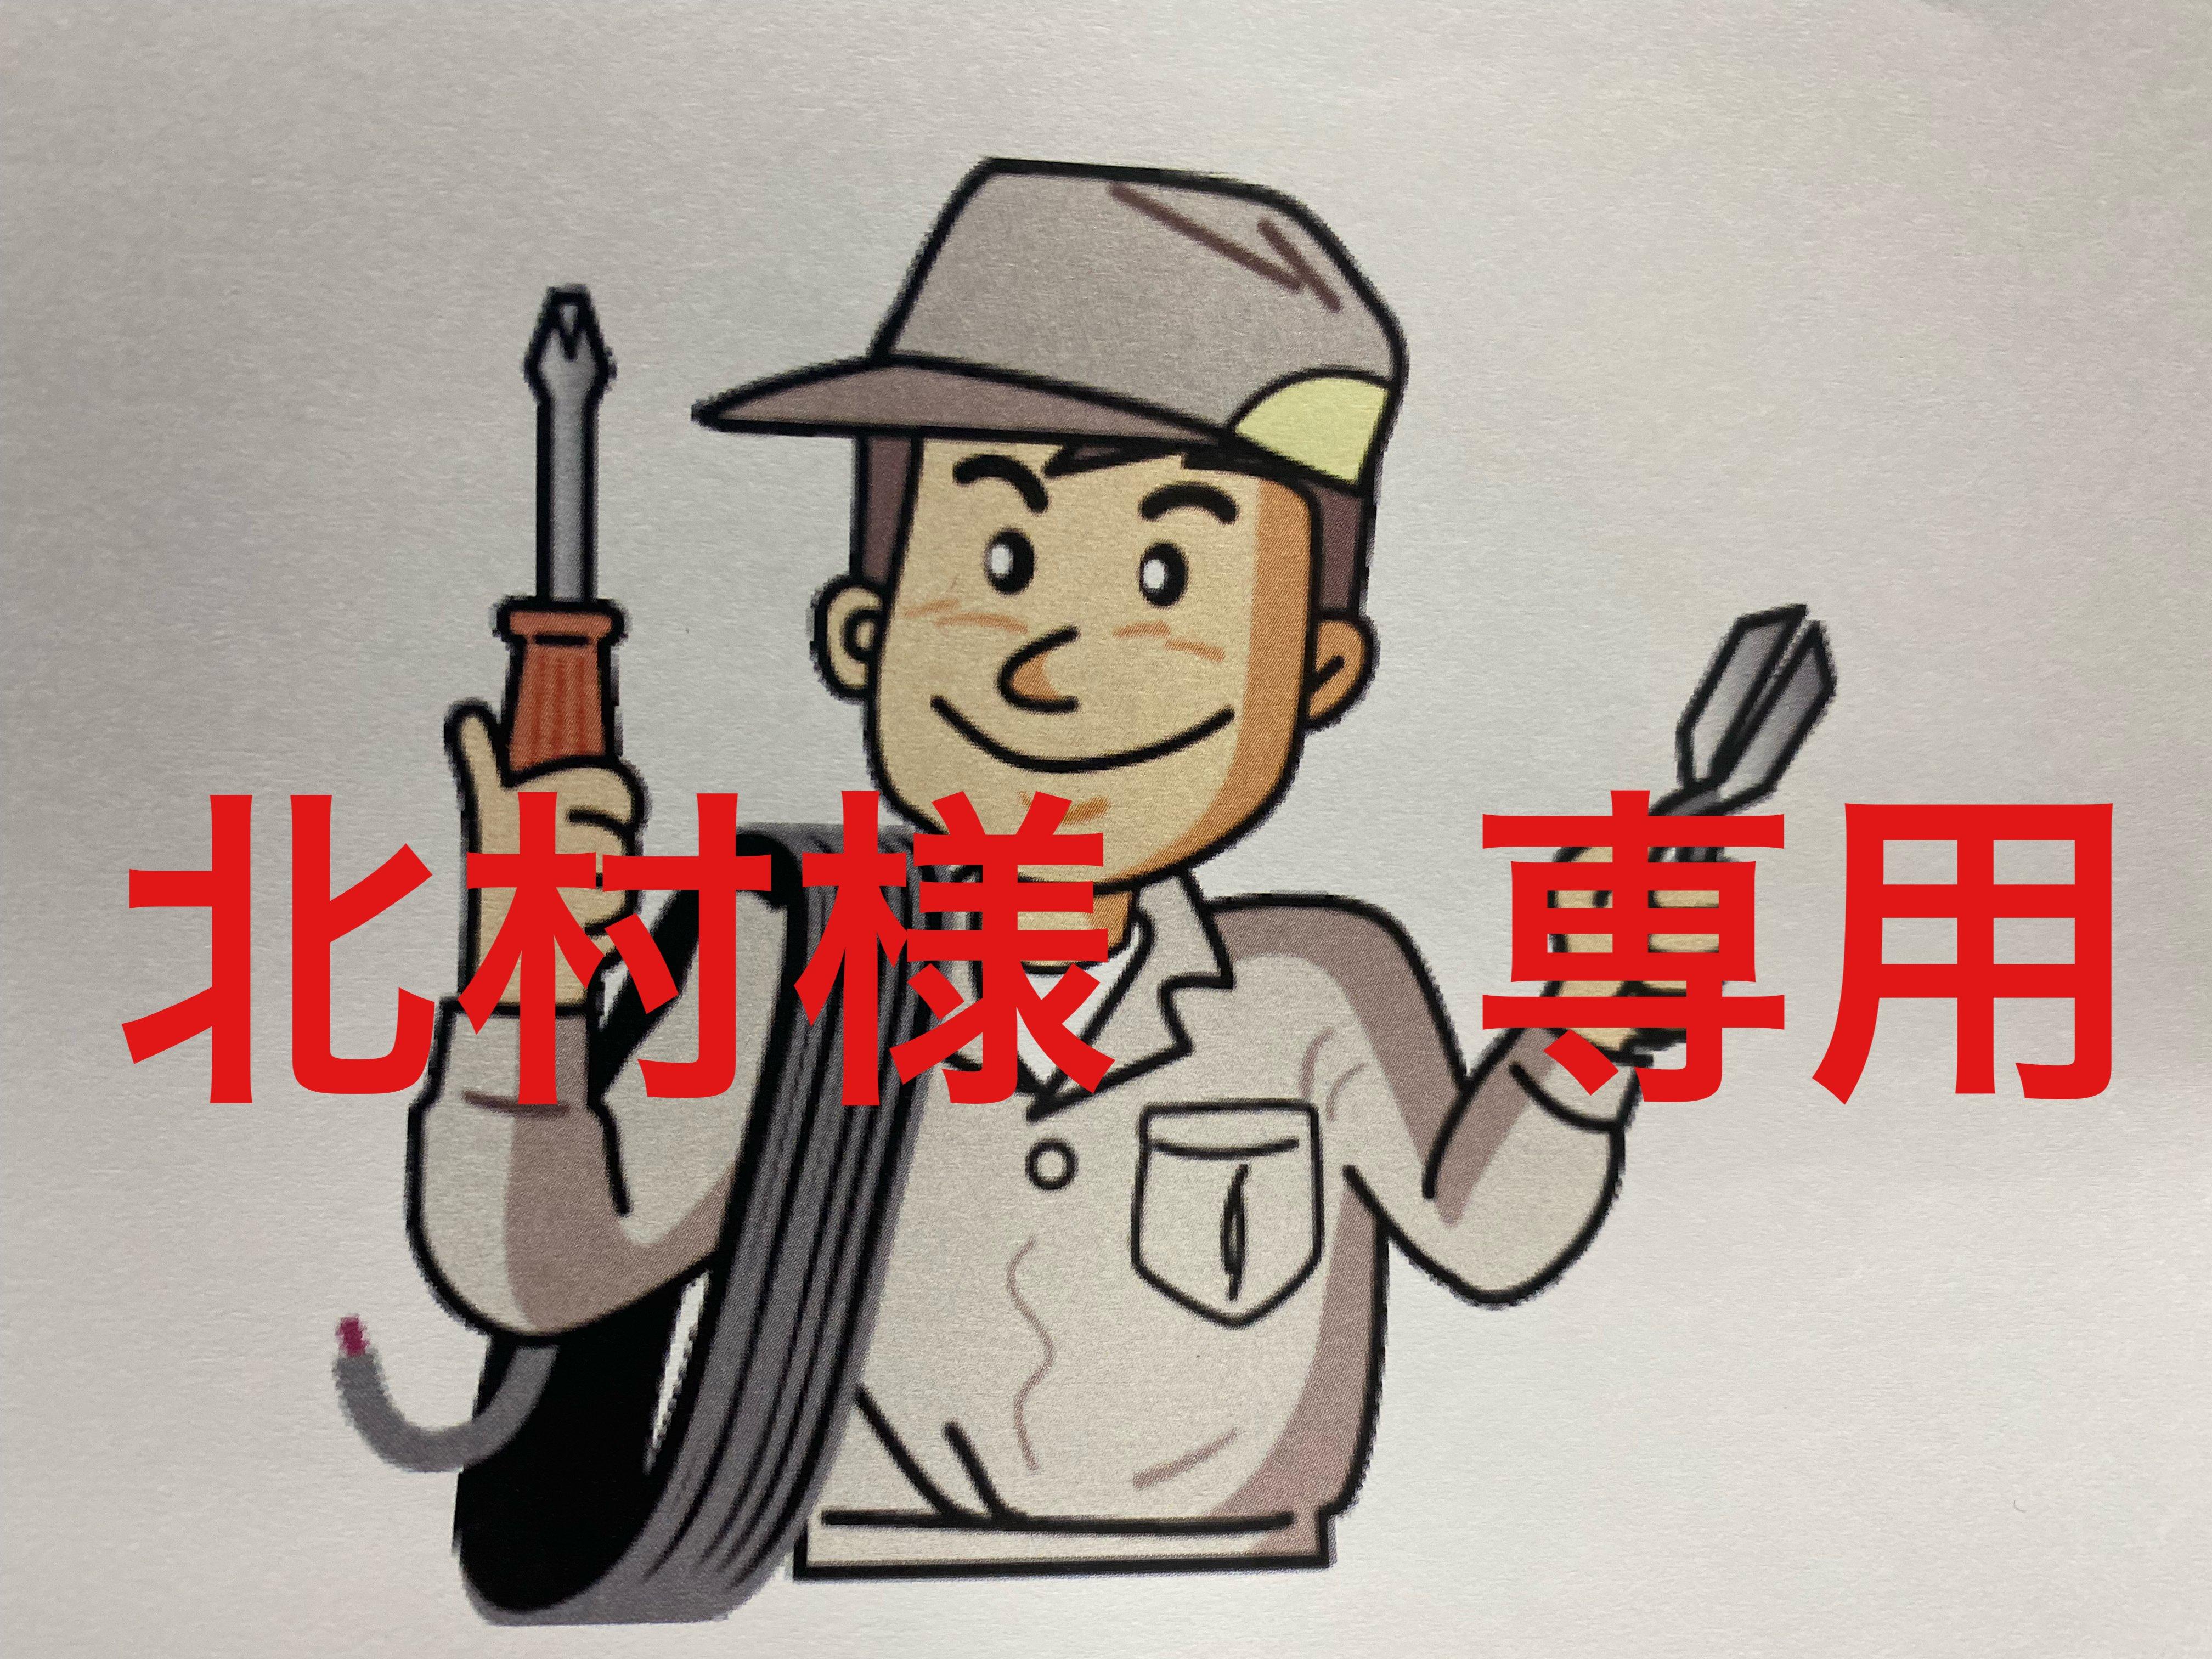 【北村様 専用チケット】電気工事【現地払い・銀行振り込み専用チケット】のイメージその1